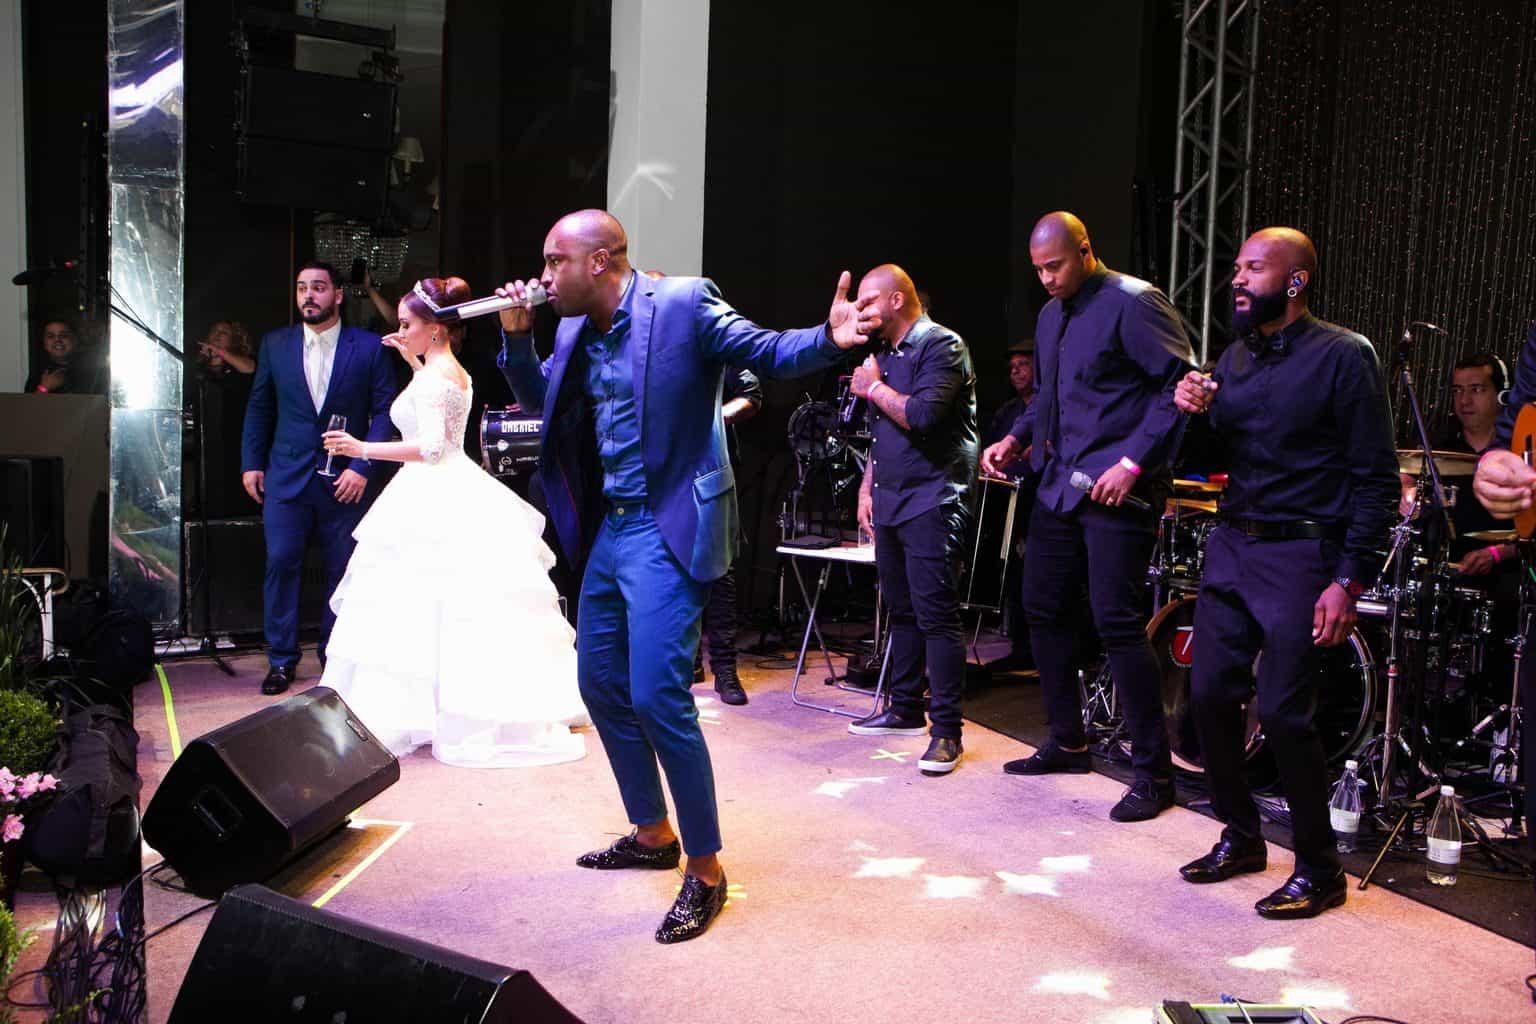 Casamento-Clássico-Casamento-tradicional-Copacabana-Palace-Monica-Roias-Ribas-Foto-e-Vídeo-Thiaguinho-Tuanny-e-Bernardo-CaseMe-2